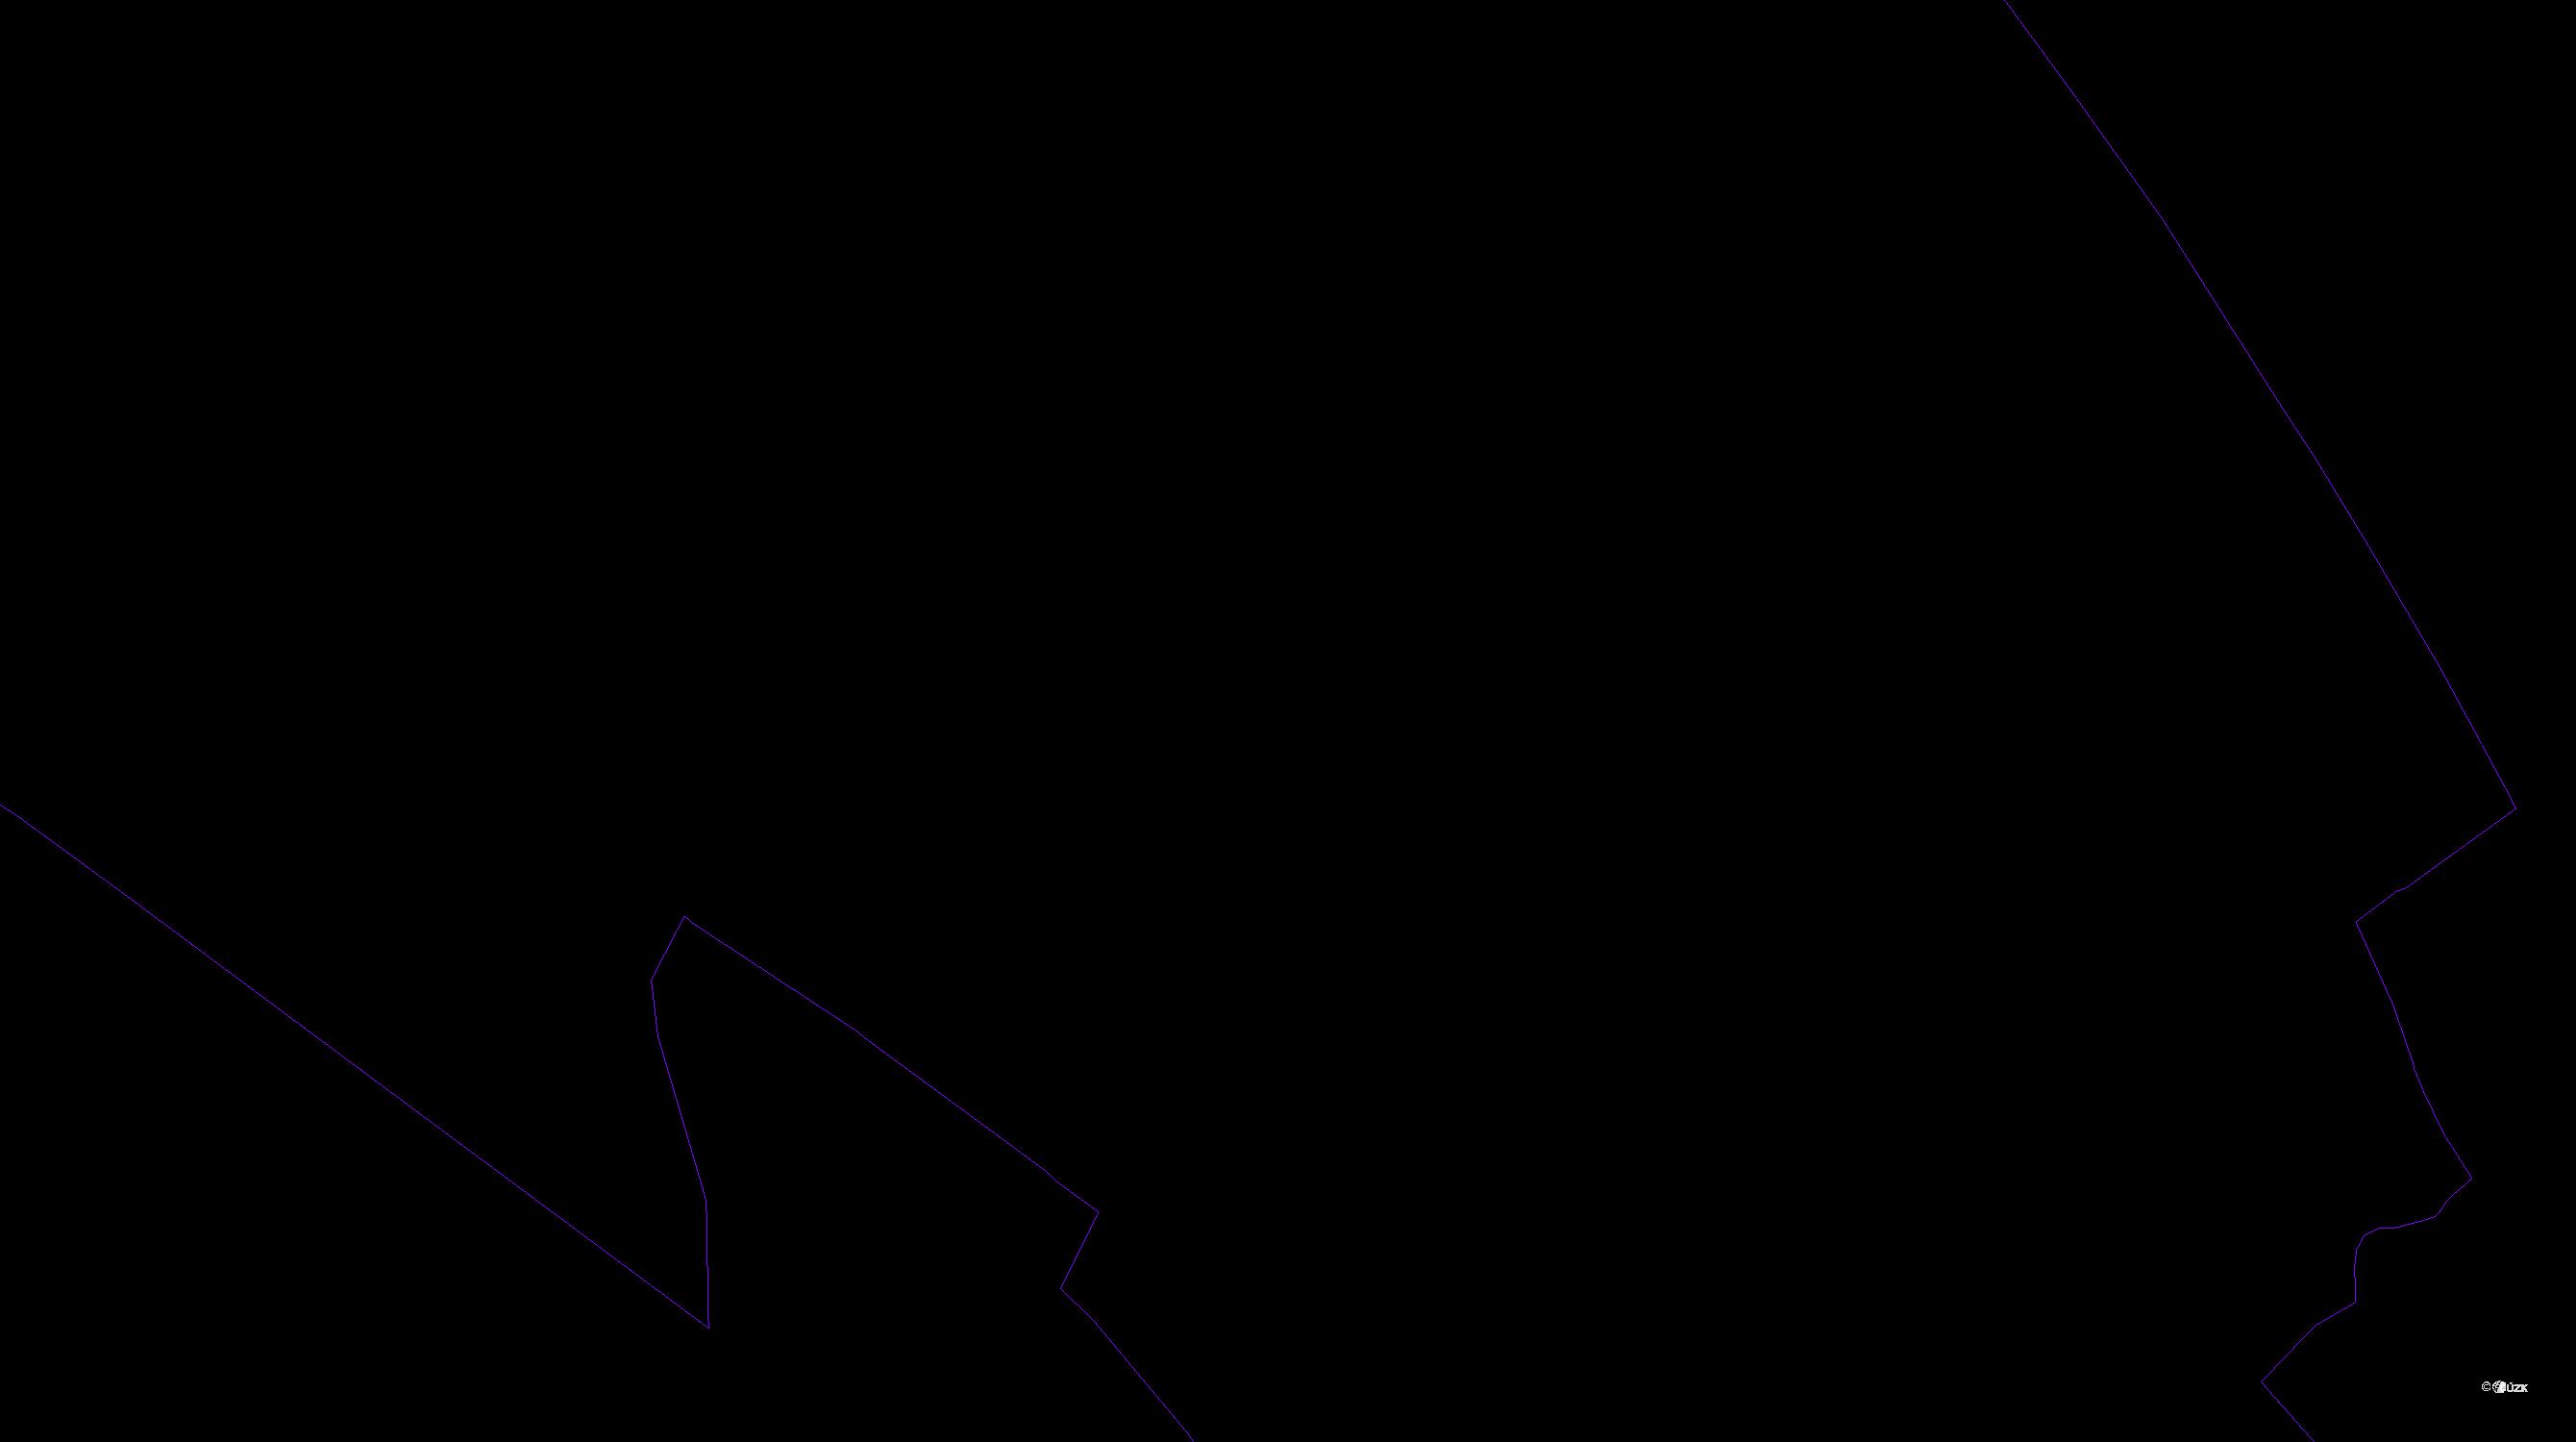 Katastrální mapa pozemků a čísla parcel Fryšták